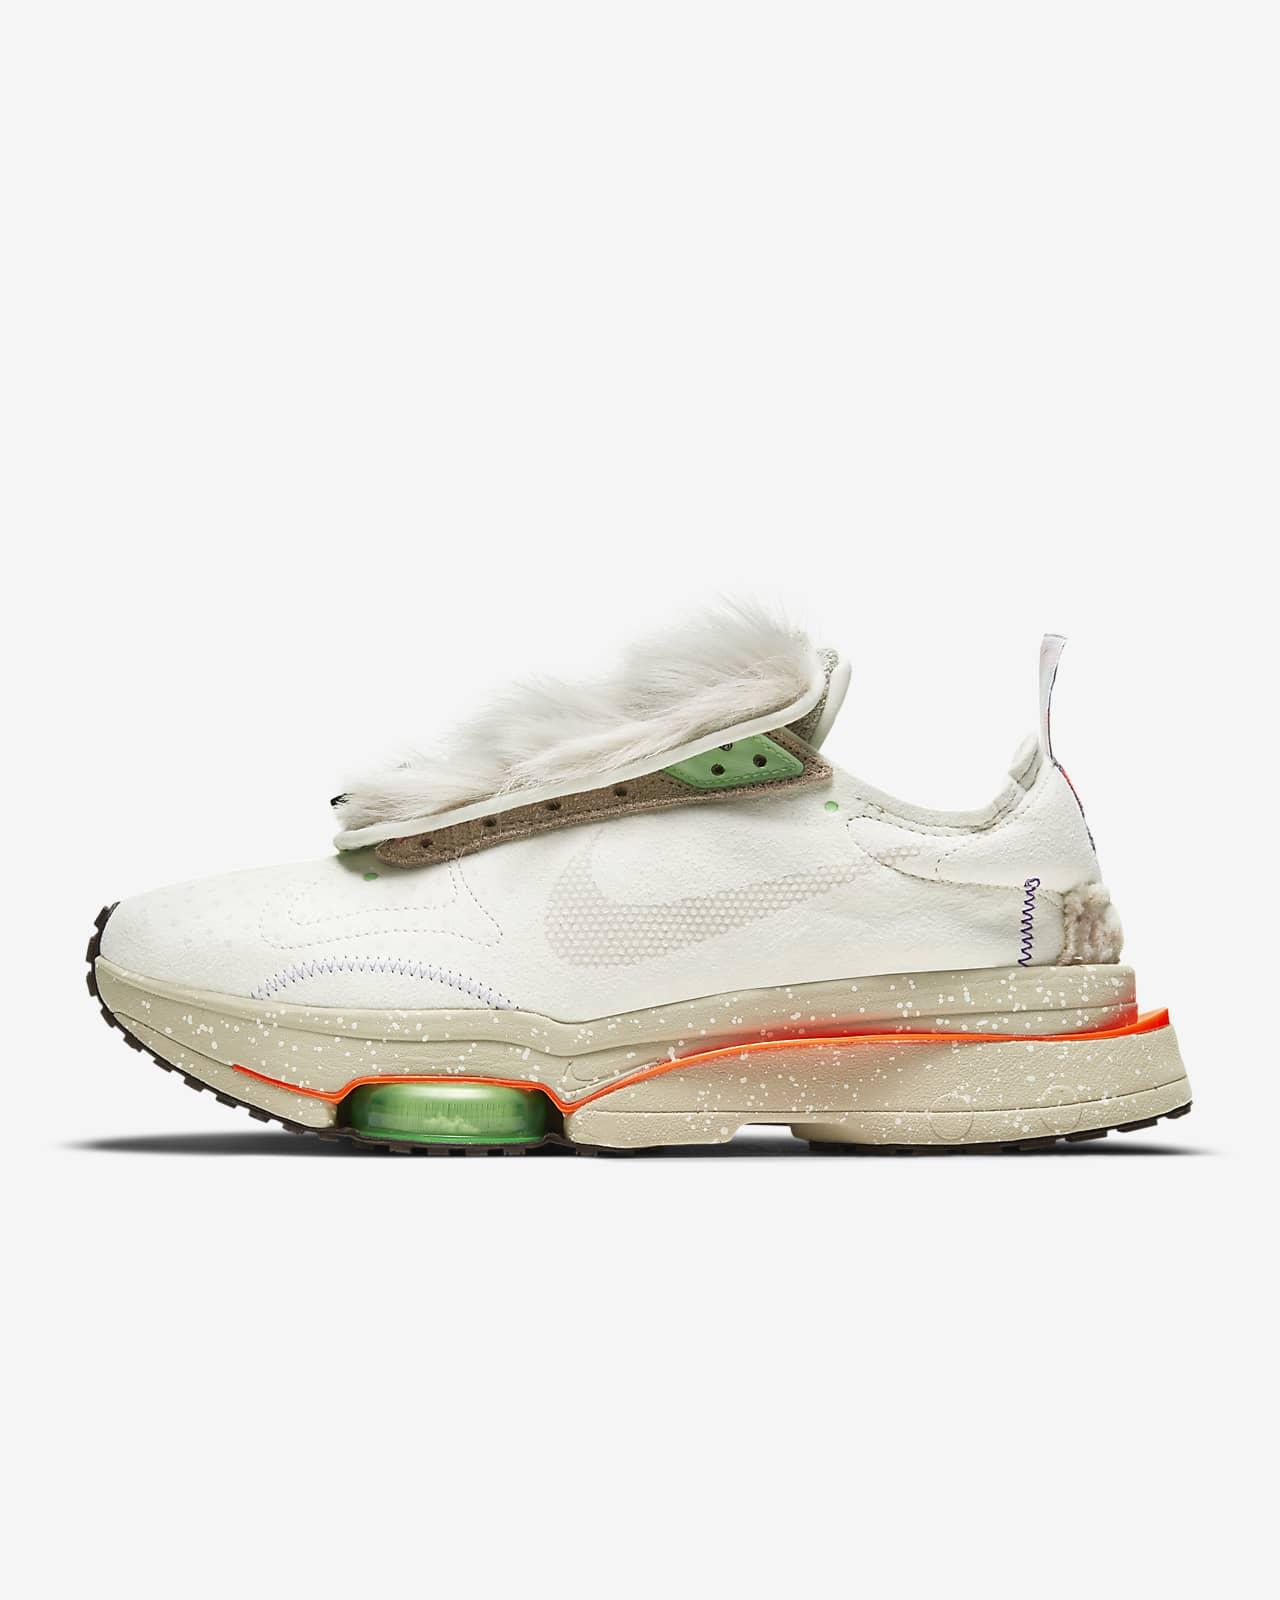 Nike Air Zoom Type Women's Shoe